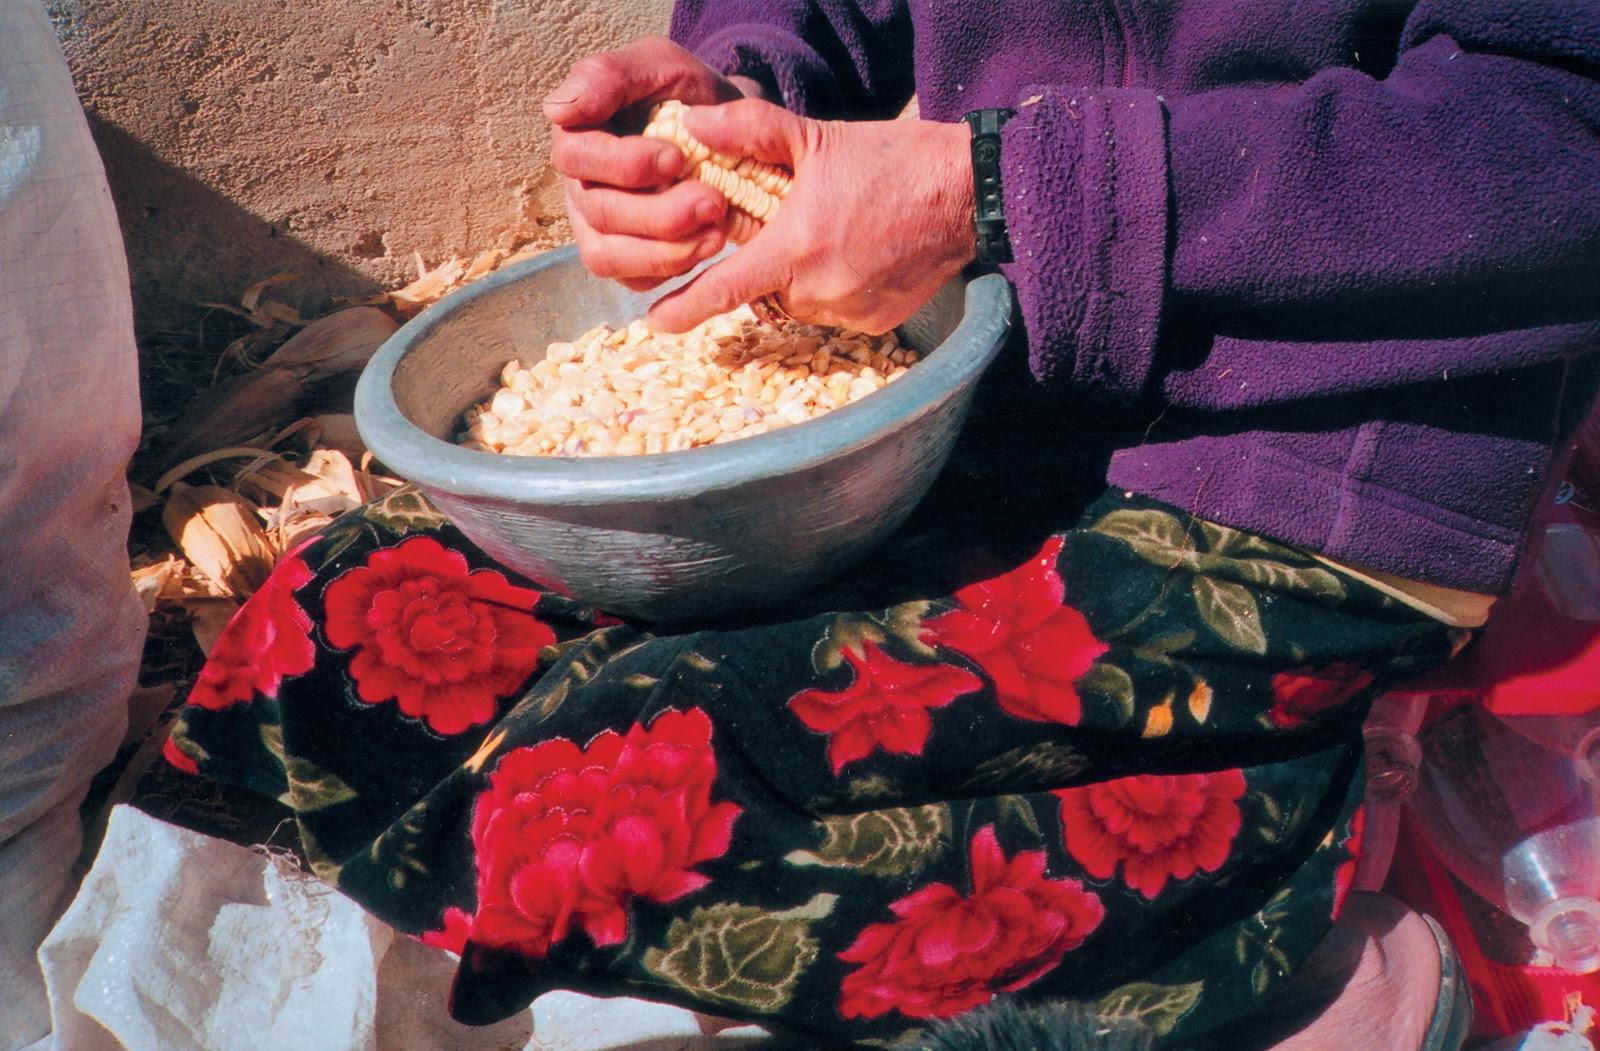 Ana Zaballata intervention, December 2004, December 2004, San Lorenzo Albarrados, Mexico